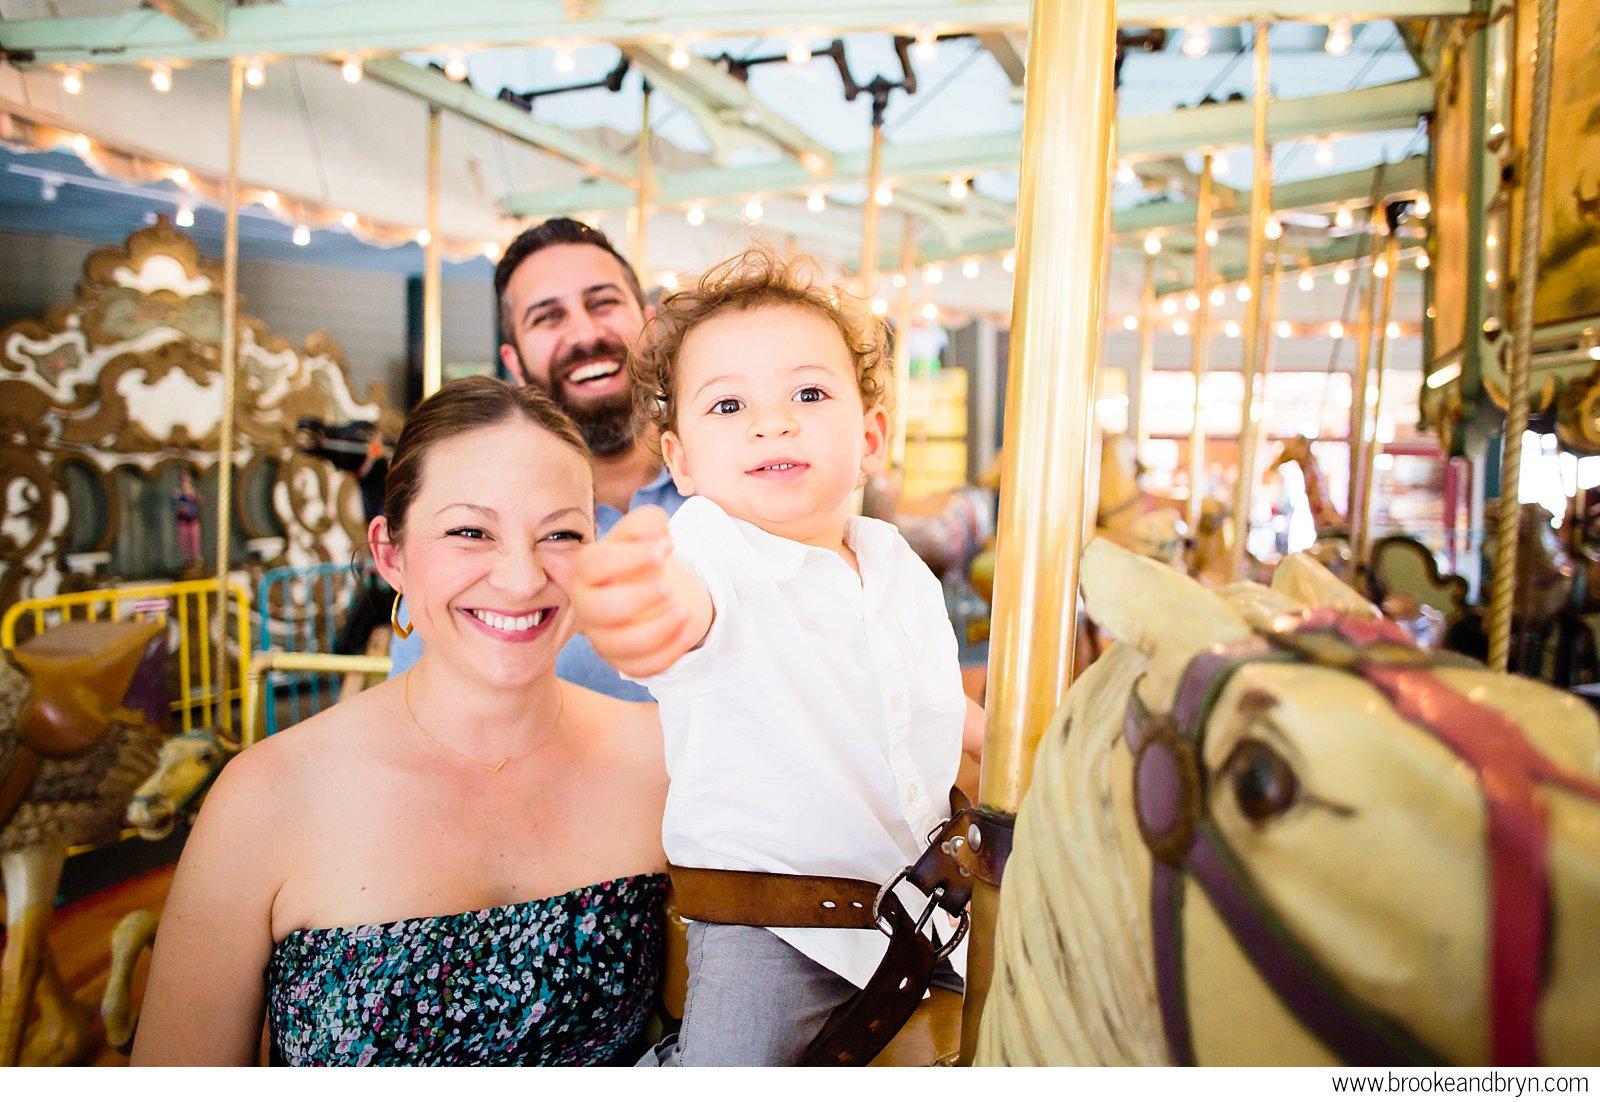 Tilden Park Carousel Maternity Shoot | Oakland, CA